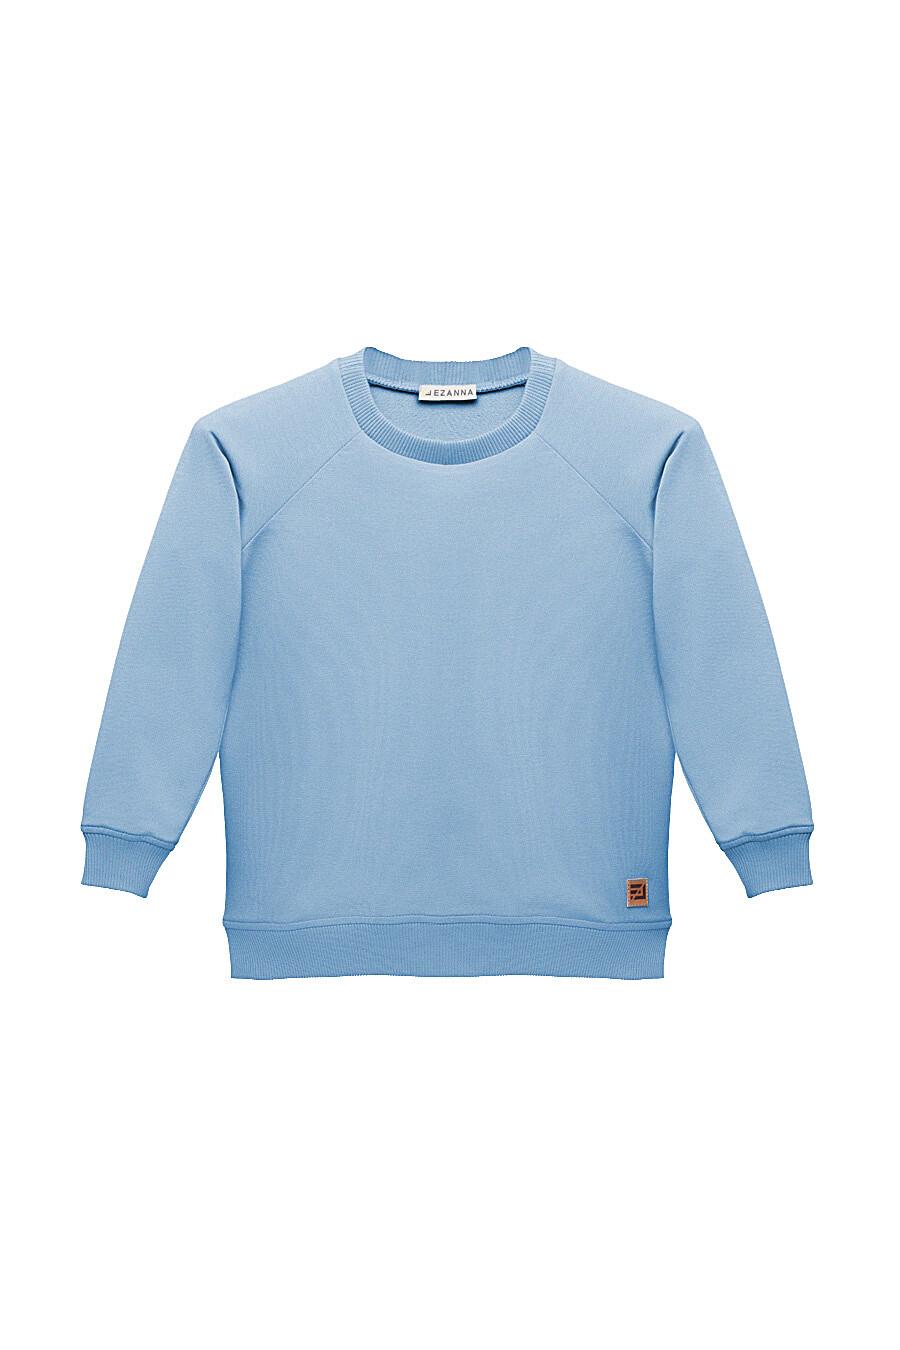 Свитшот для девочек EZANNA 668012 купить оптом от производителя. Совместная покупка детской одежды в OptMoyo